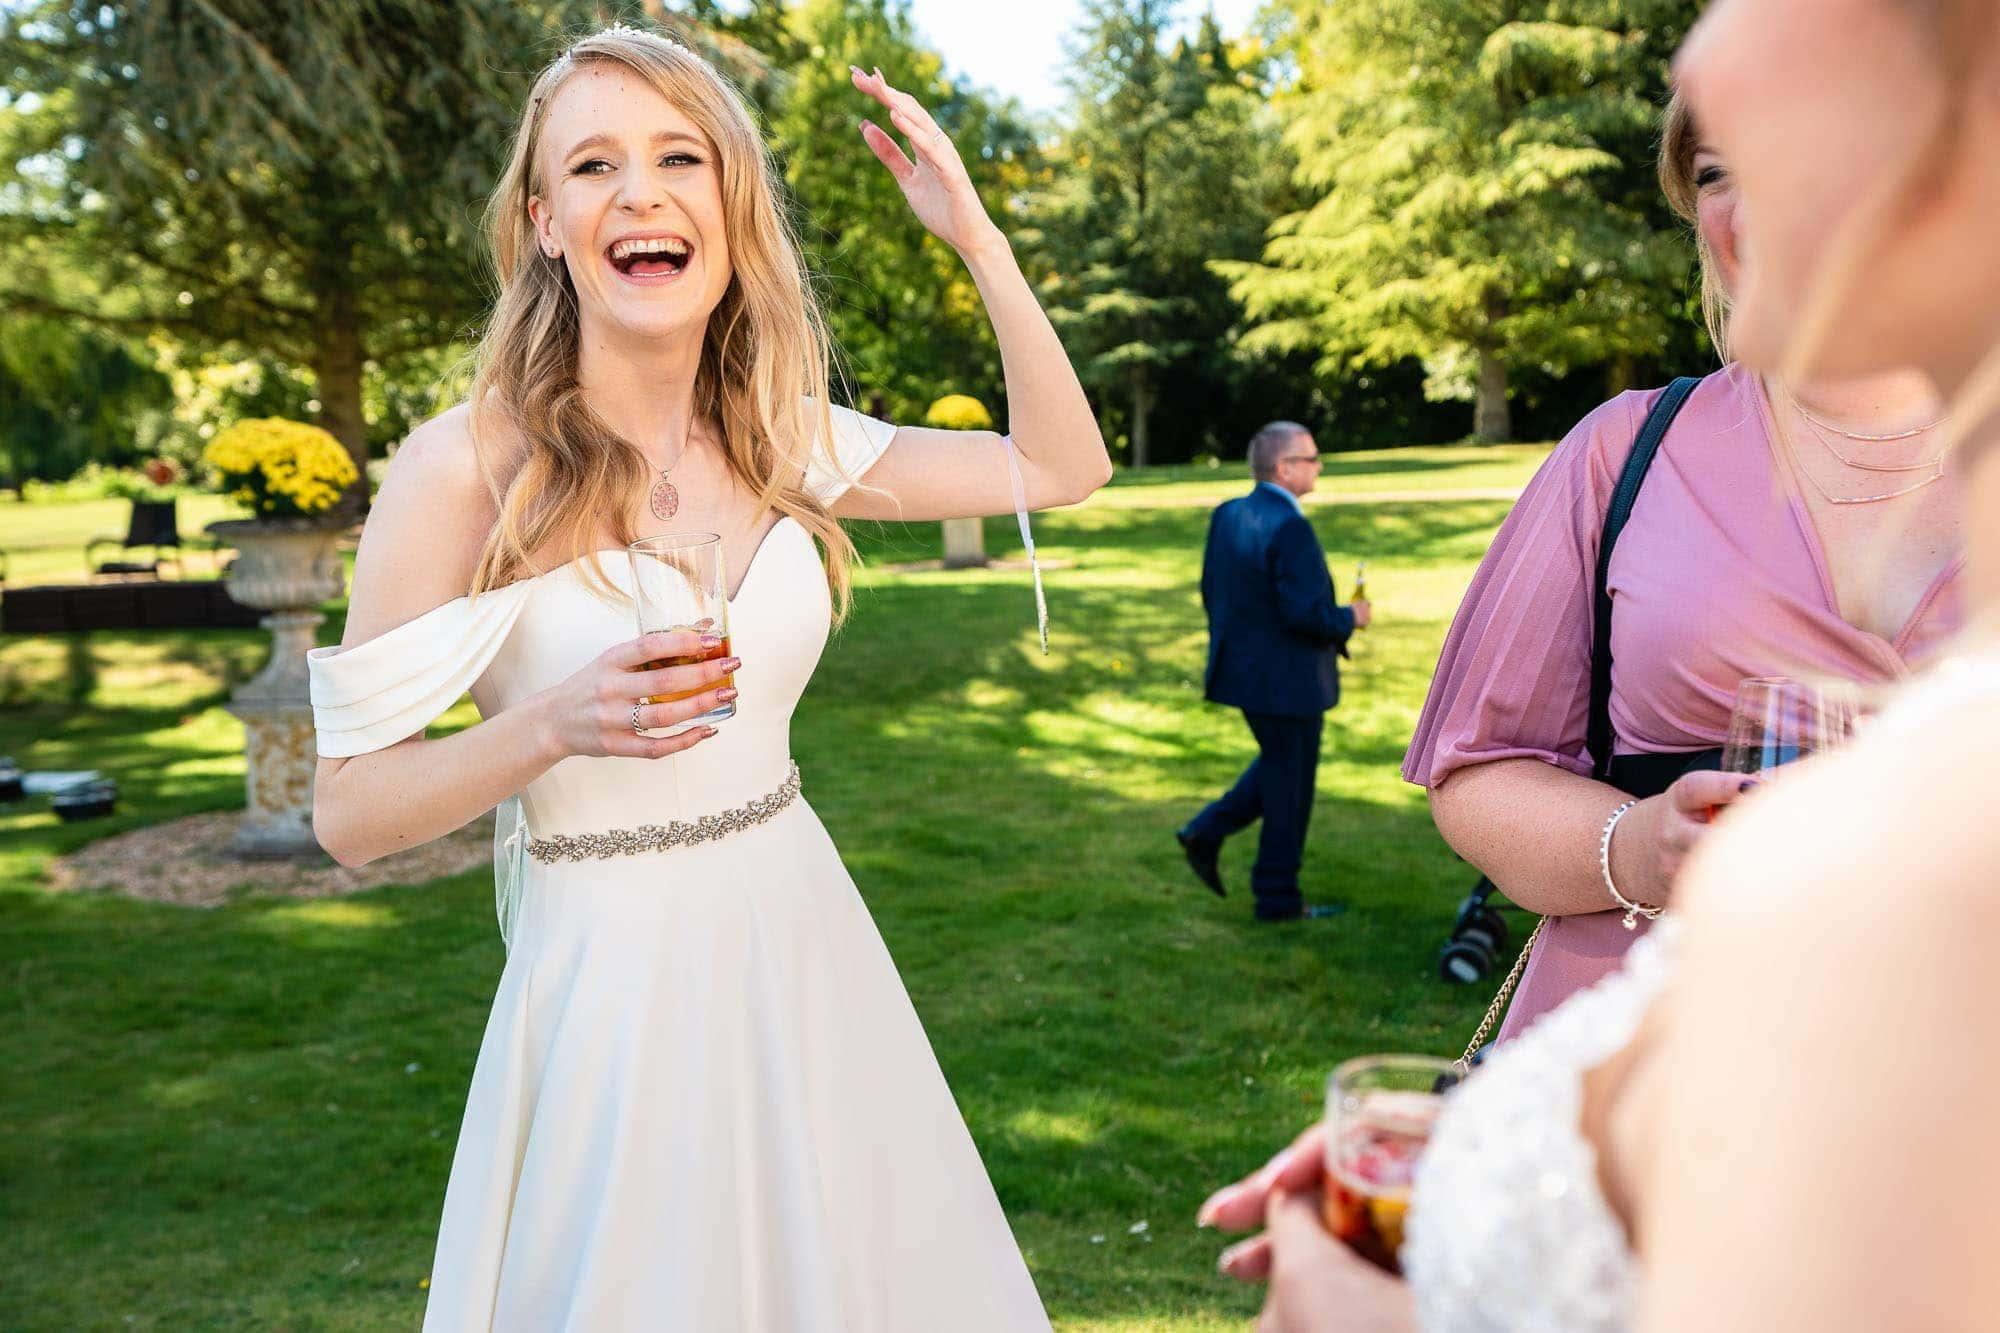 Norton Park Wedding Two Brides 69 0857